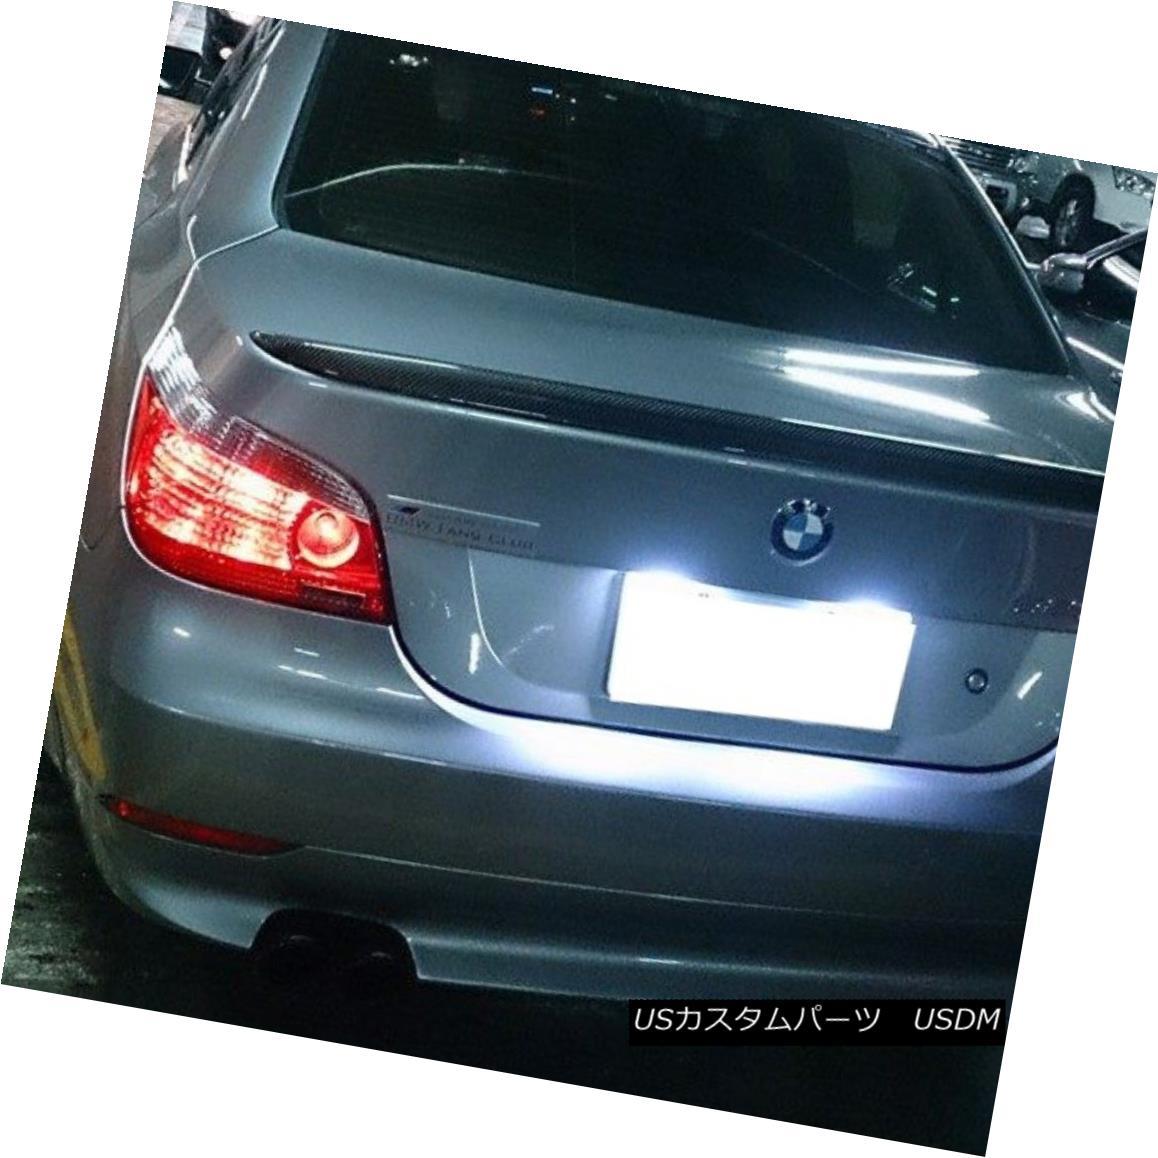 エアロパーツ M5 Type Carbon Fiber Rear Trunk Spoiler Wing For 5-series BMW E60 Sedan 2004~09 BMW E60セダン5シリーズ用M5タイプカーボンファイバーリアトランクスポイラーウィング2004?09